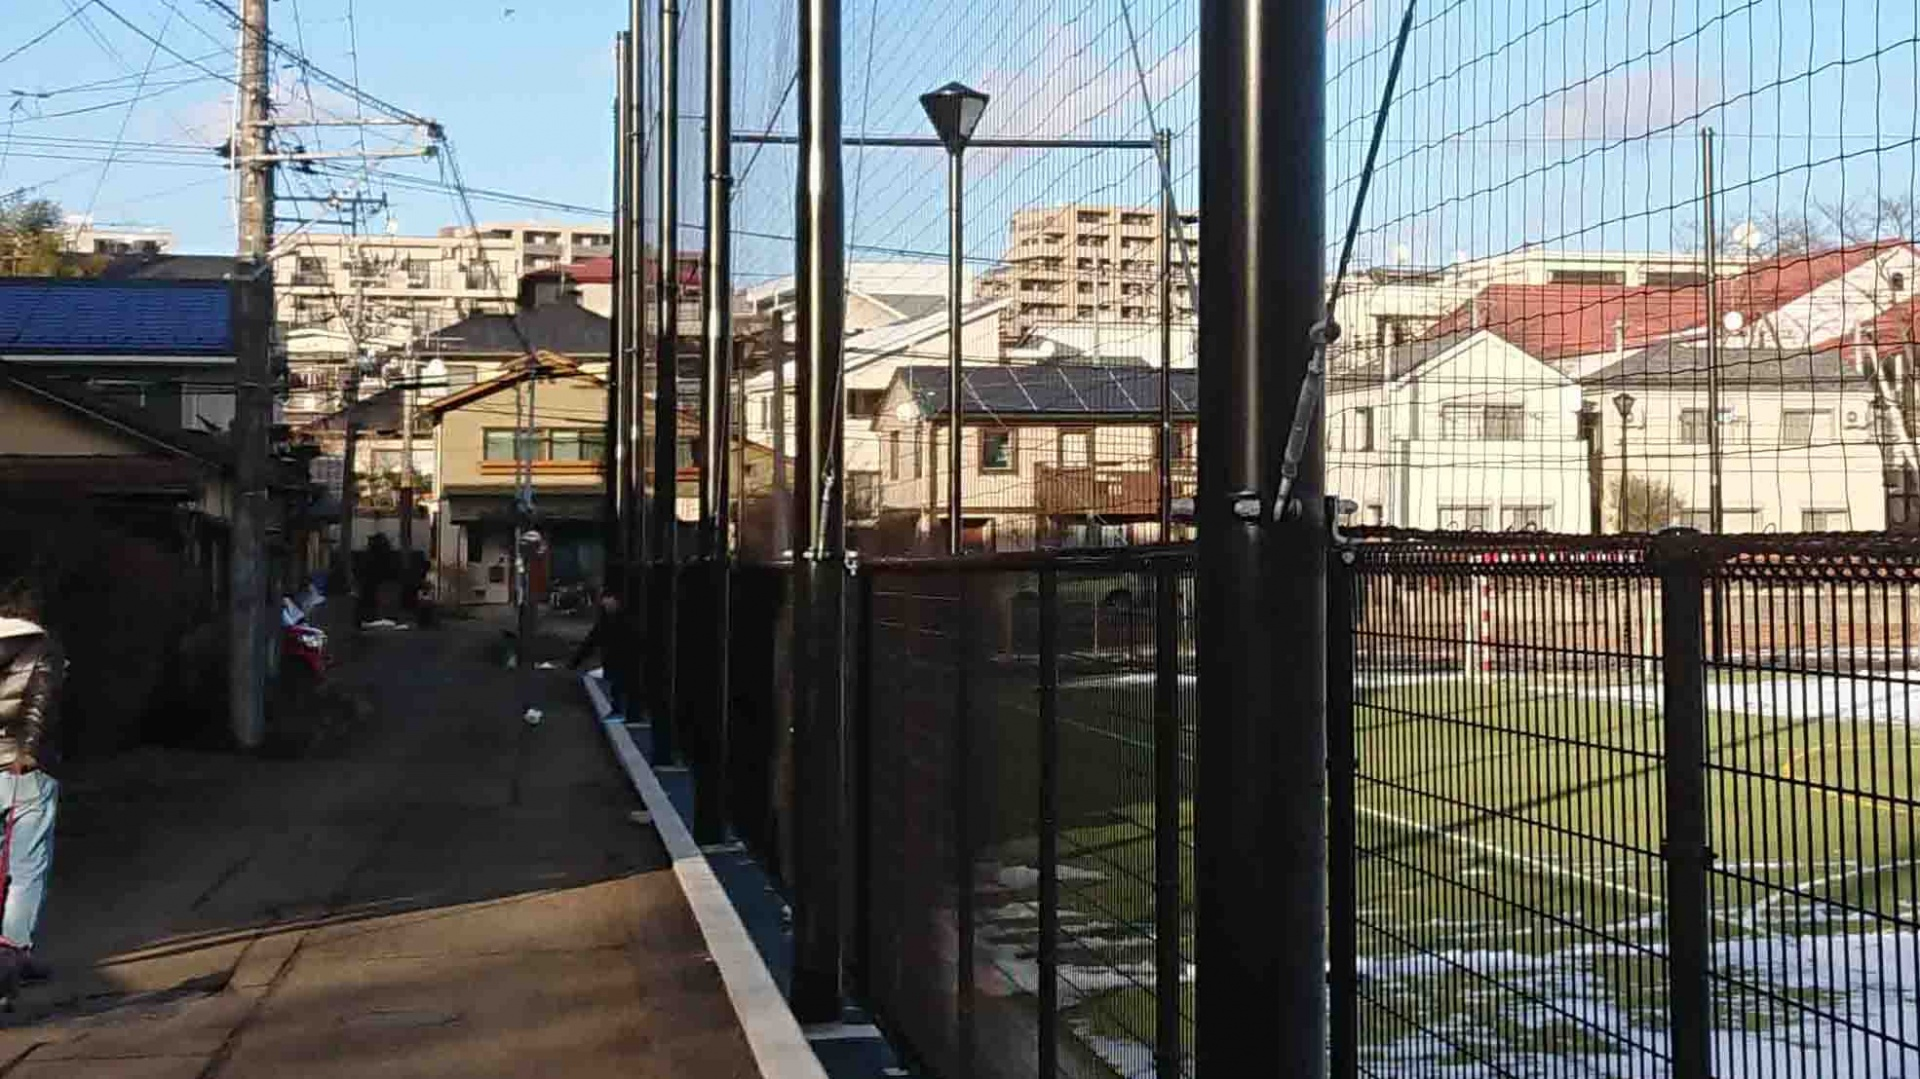 グラウンド敷地内に設置された照明灯,公共スペース側に光が漏れないように遮光板が設けられている